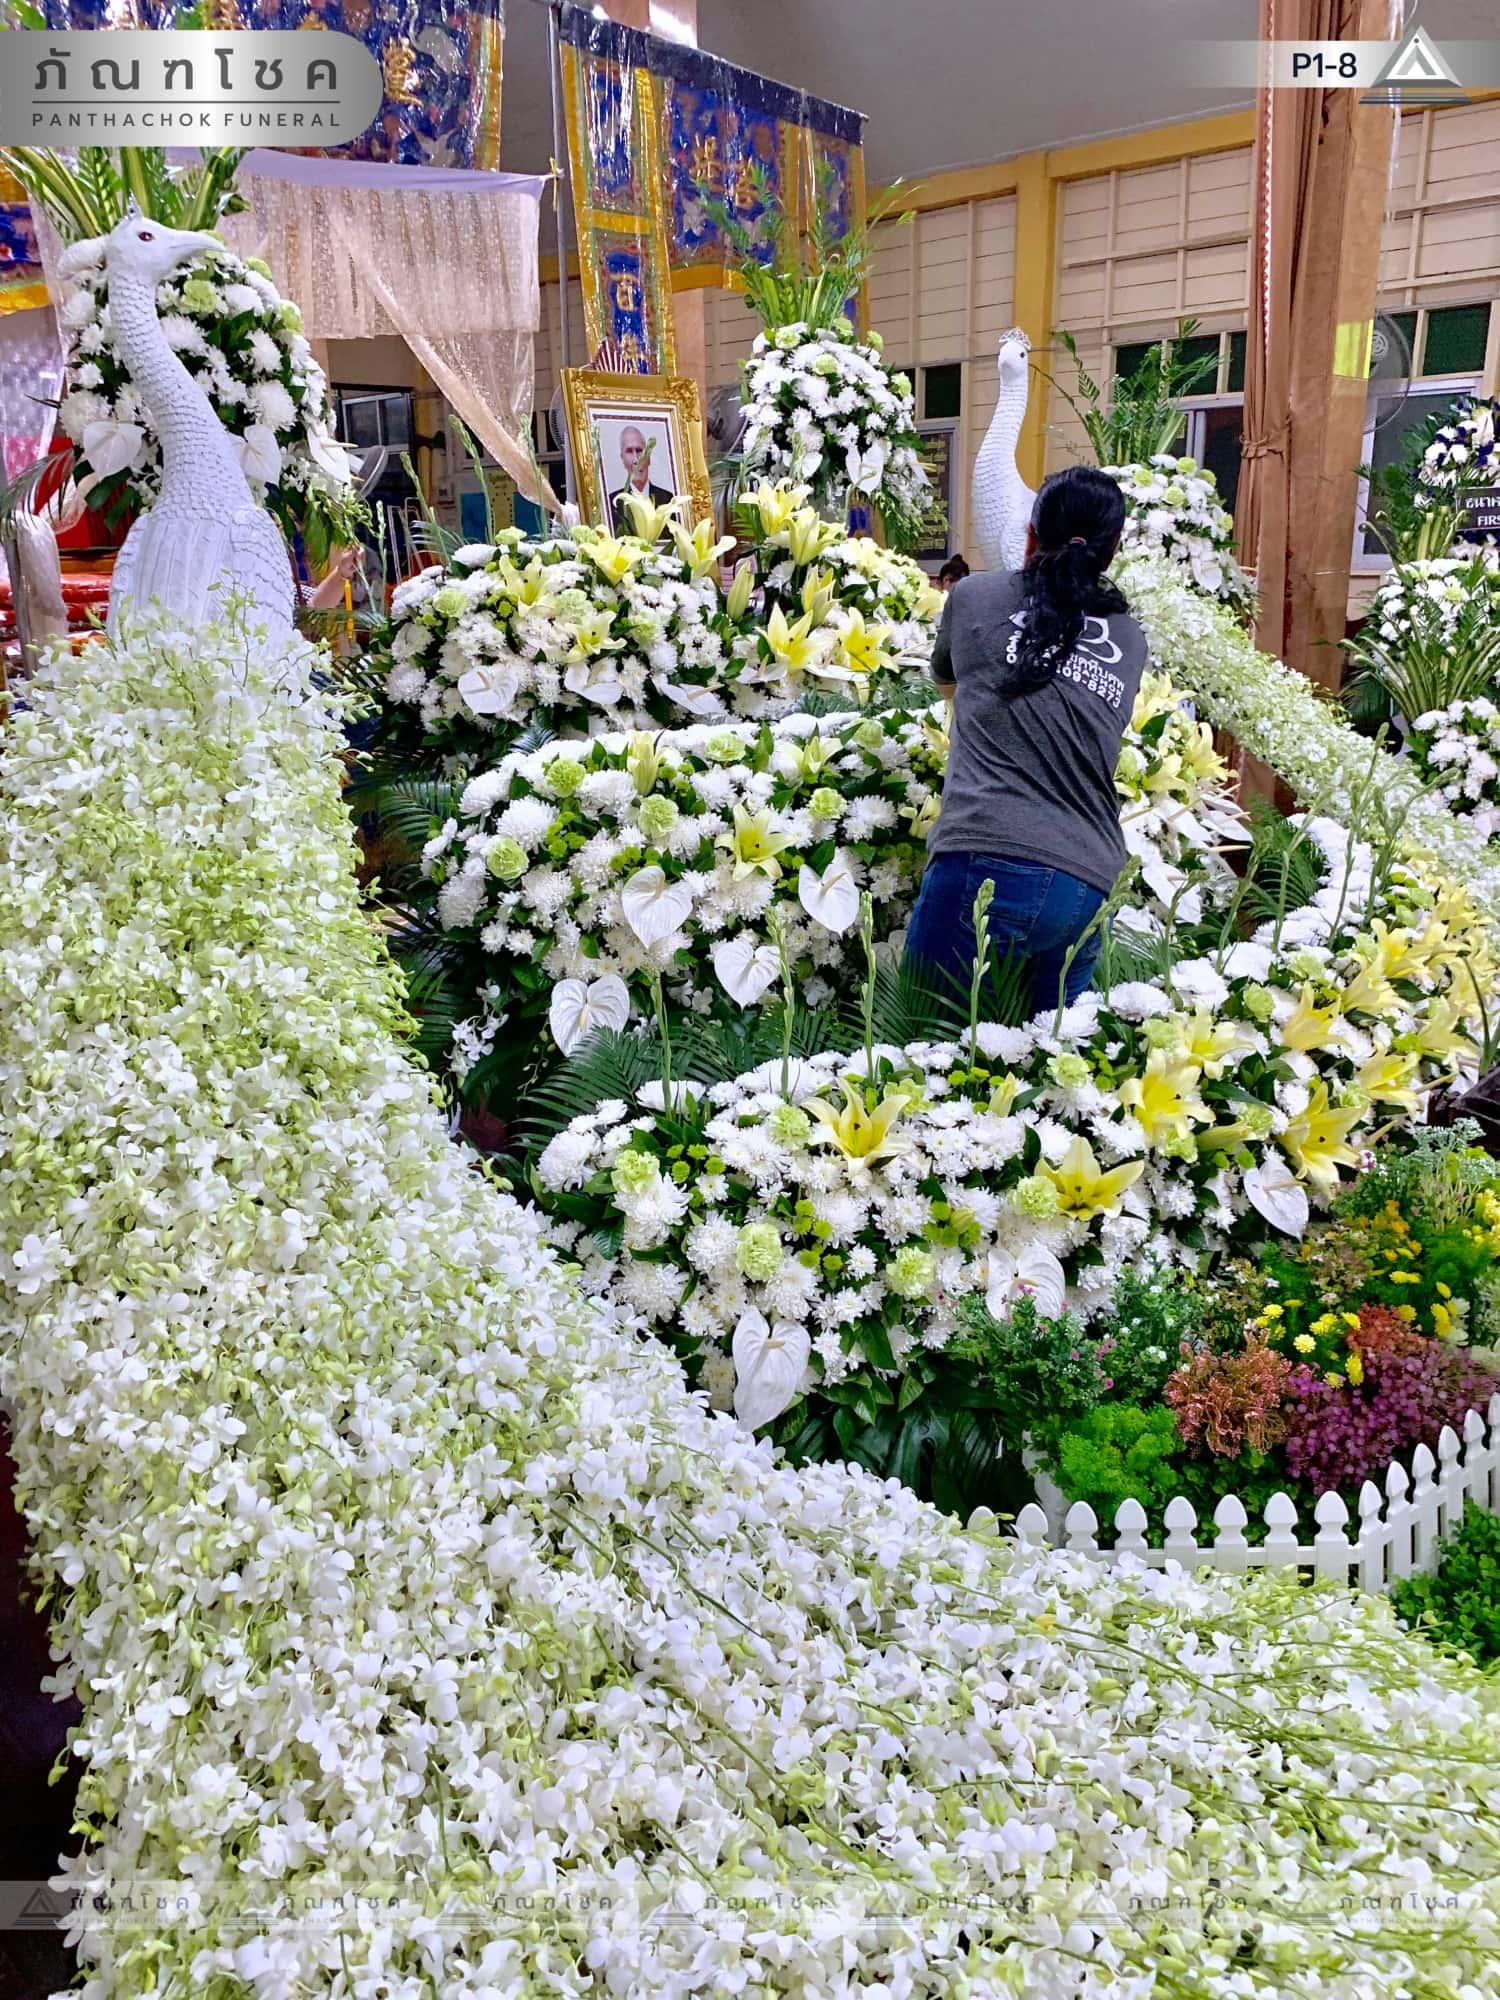 ดอกไม้หน้าศพ-ชุด-p1-8 60